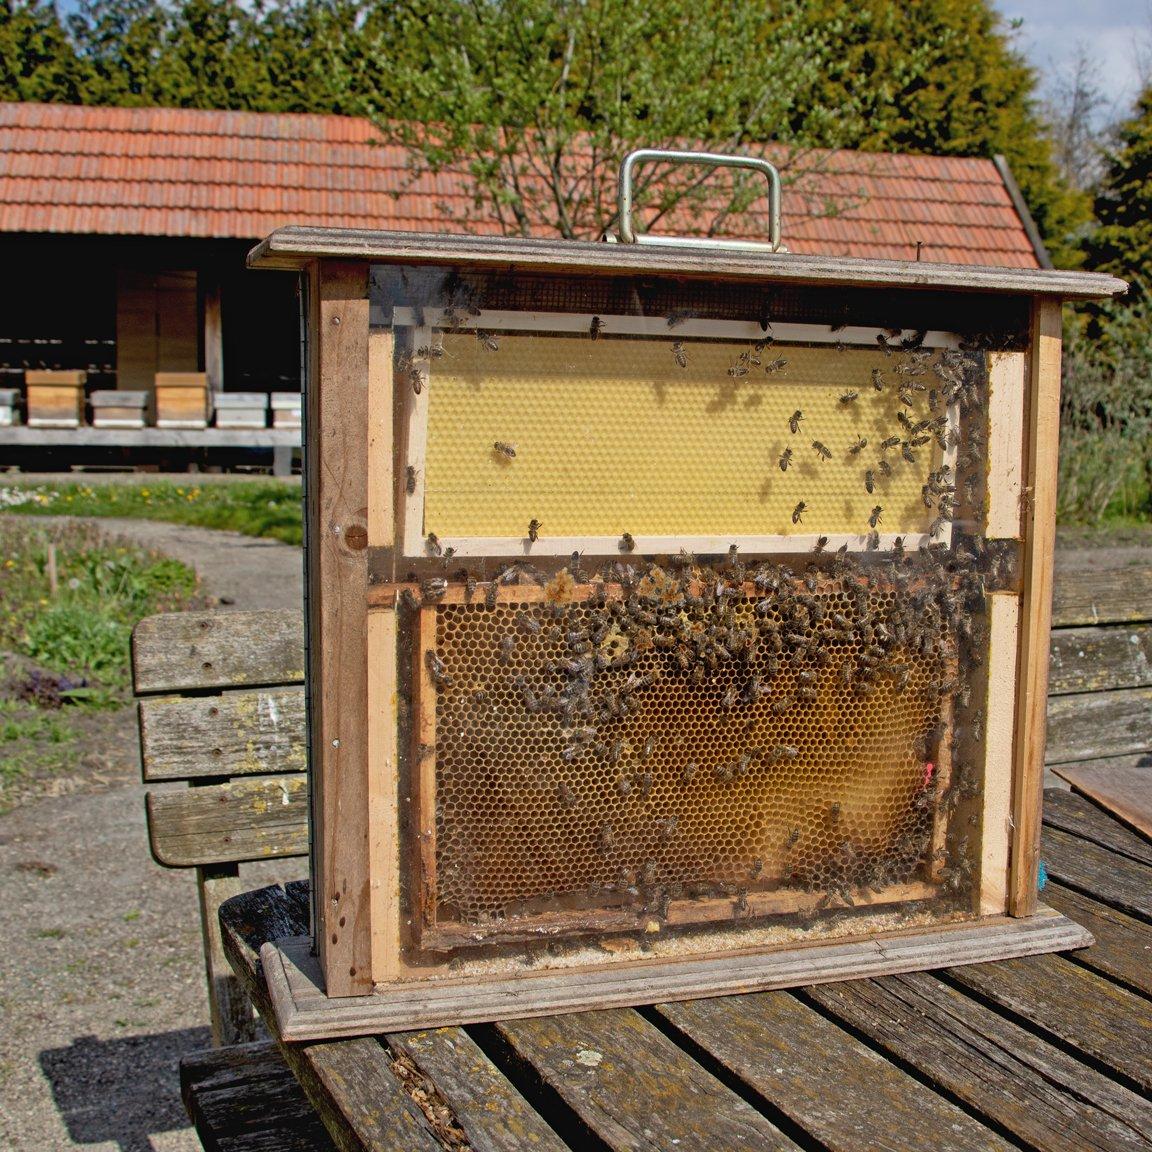 alg 2 Bijenboerderij Jeanne (5)